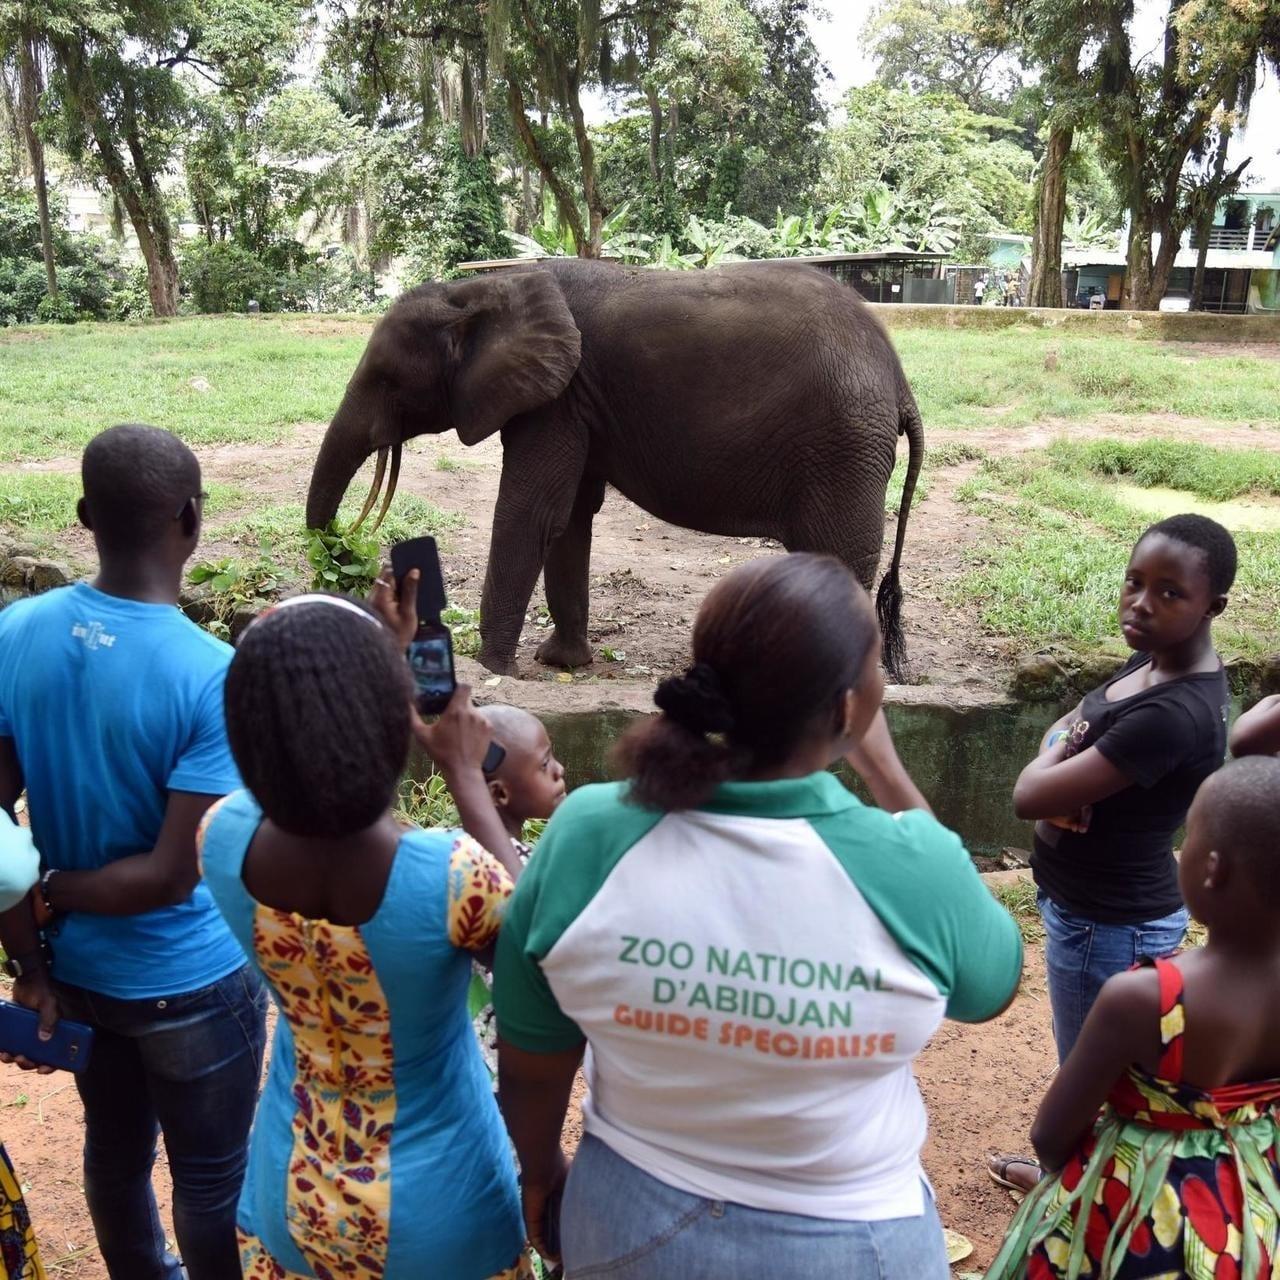 Fermeture du Zoo d'Abidjan : Autopsie d'un échec lamentable